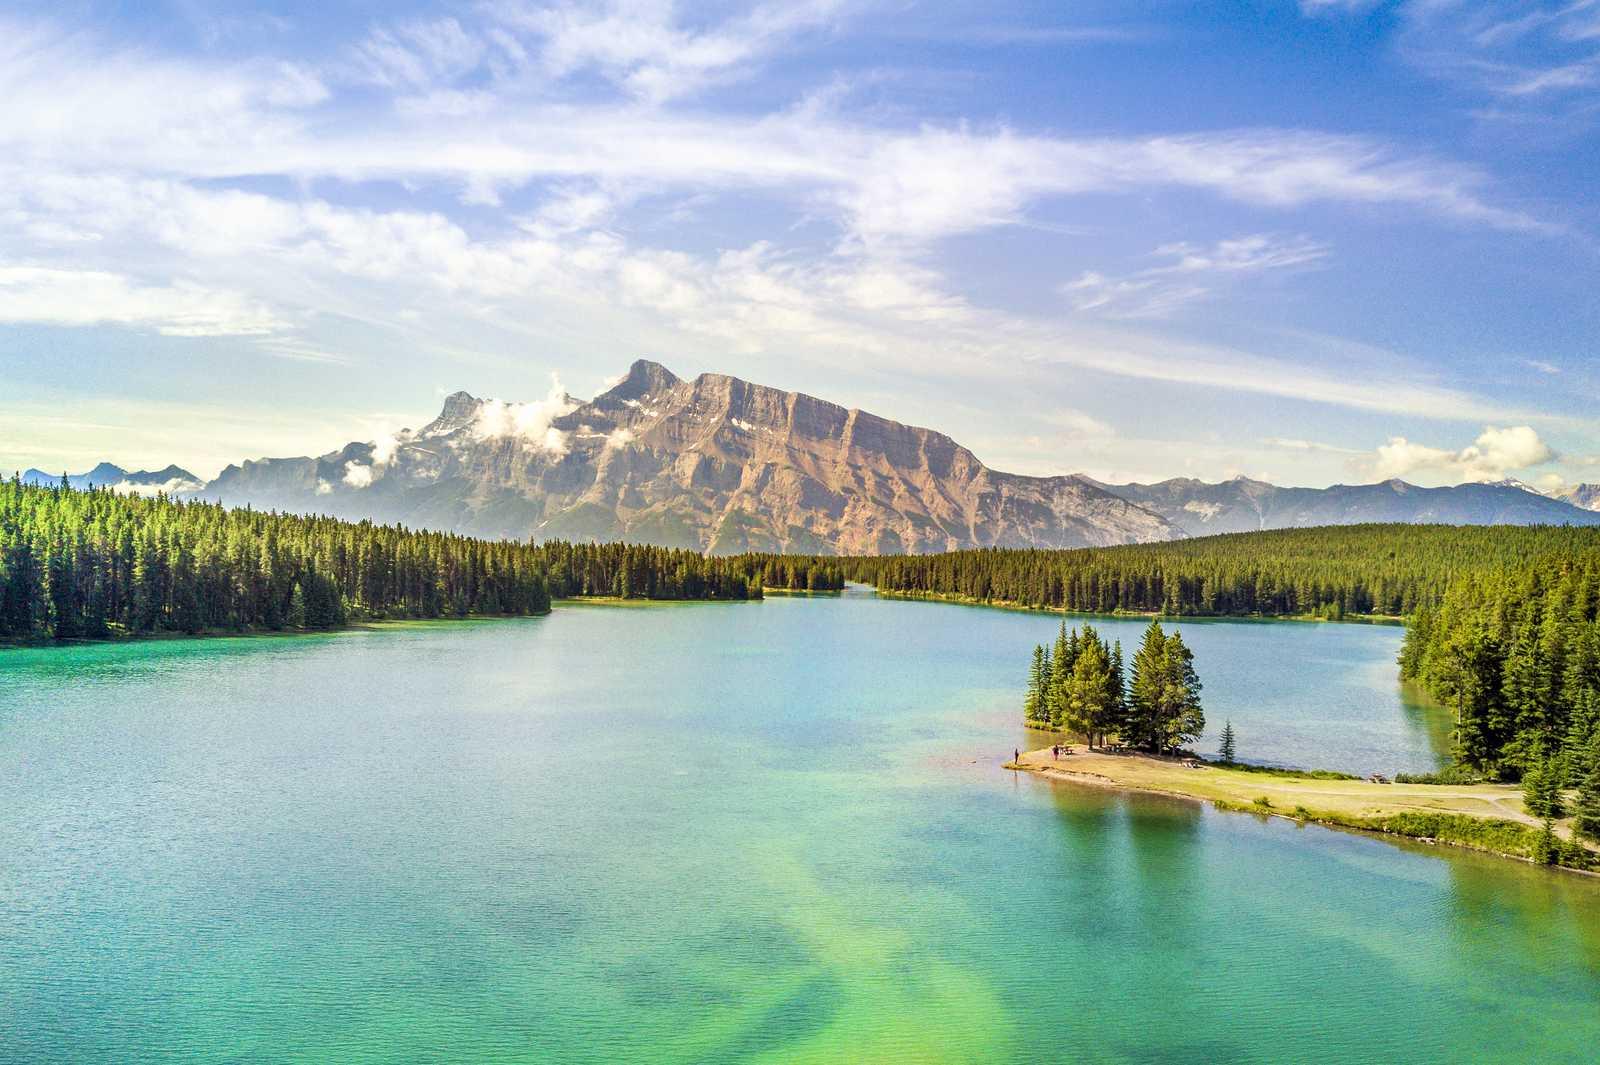 Lake Minnewanka im Banff National Park